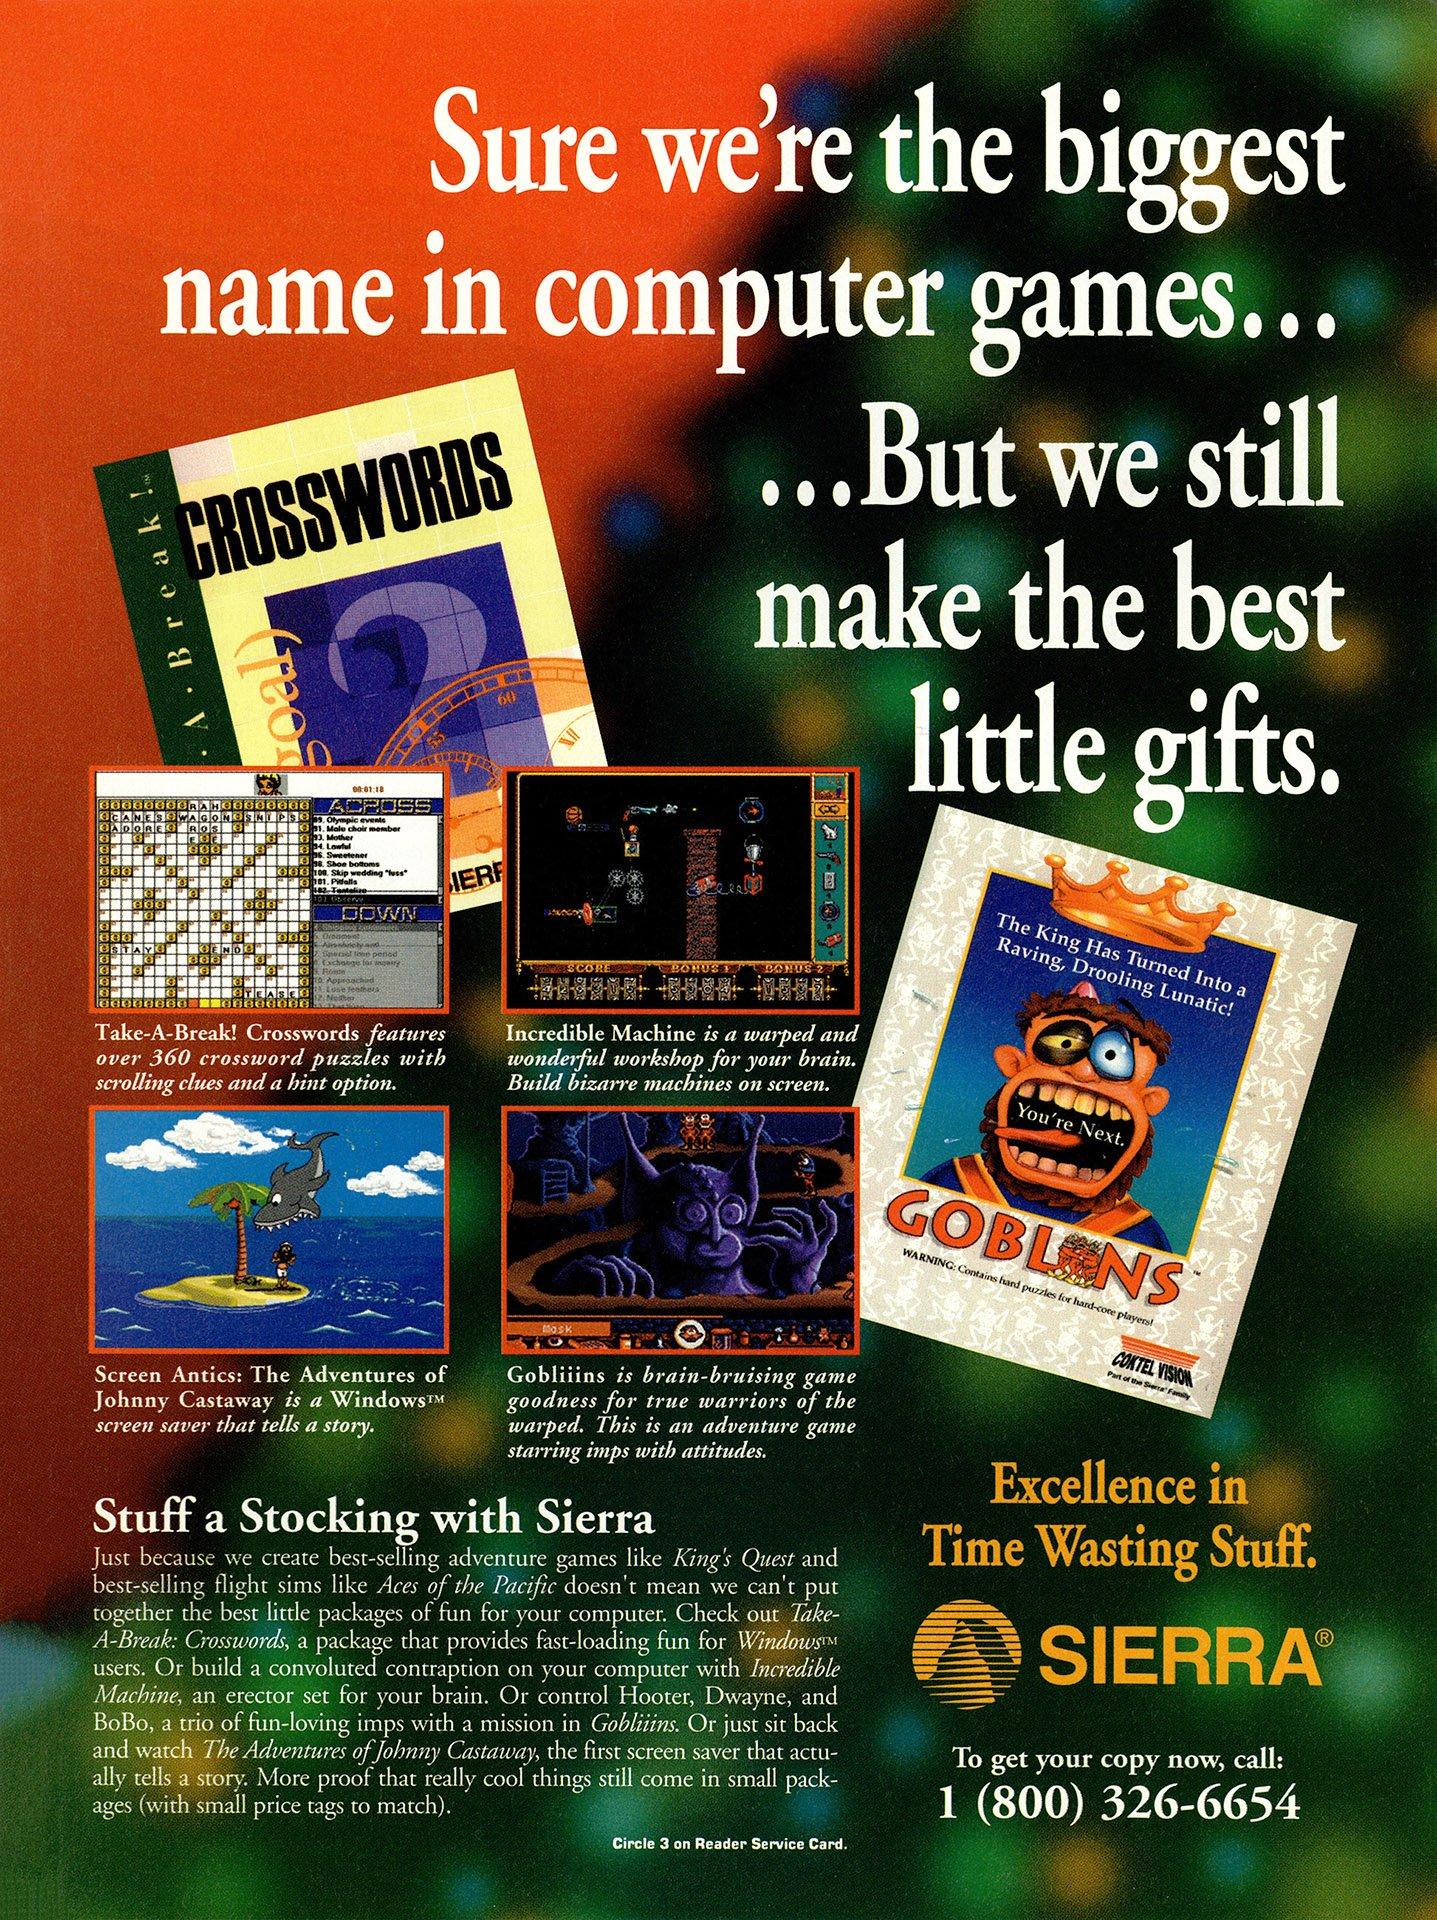 Gobliiins, Take-A-Break! Crosswords, Incredible Machine, Screen Antics The Adventures of Johnny Castaway